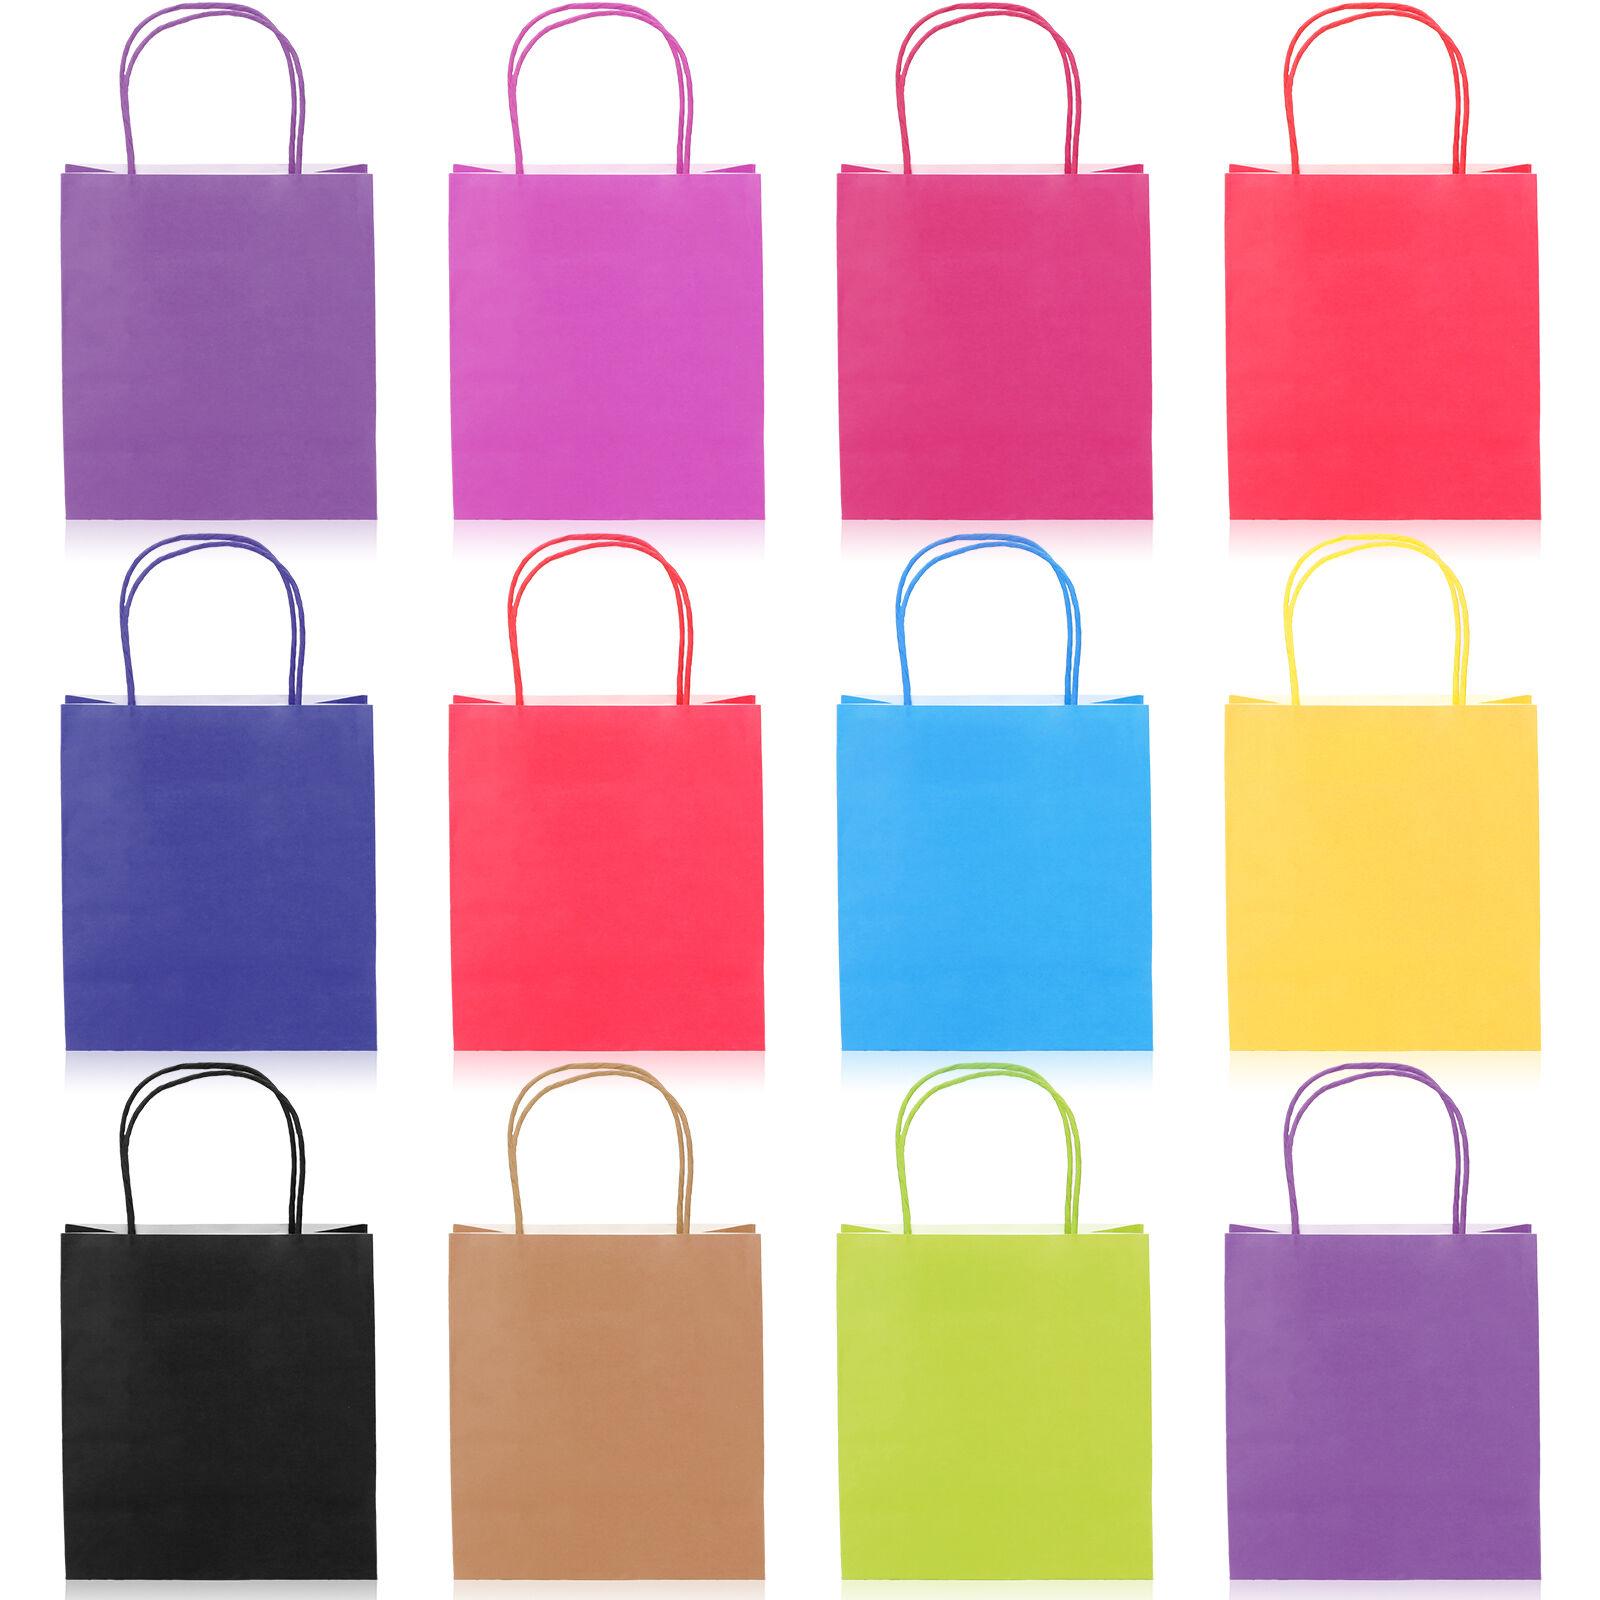 10x sacs cadeau papier cadeaux sachet pochette bijoux rangement 9 couleurs ebay. Black Bedroom Furniture Sets. Home Design Ideas